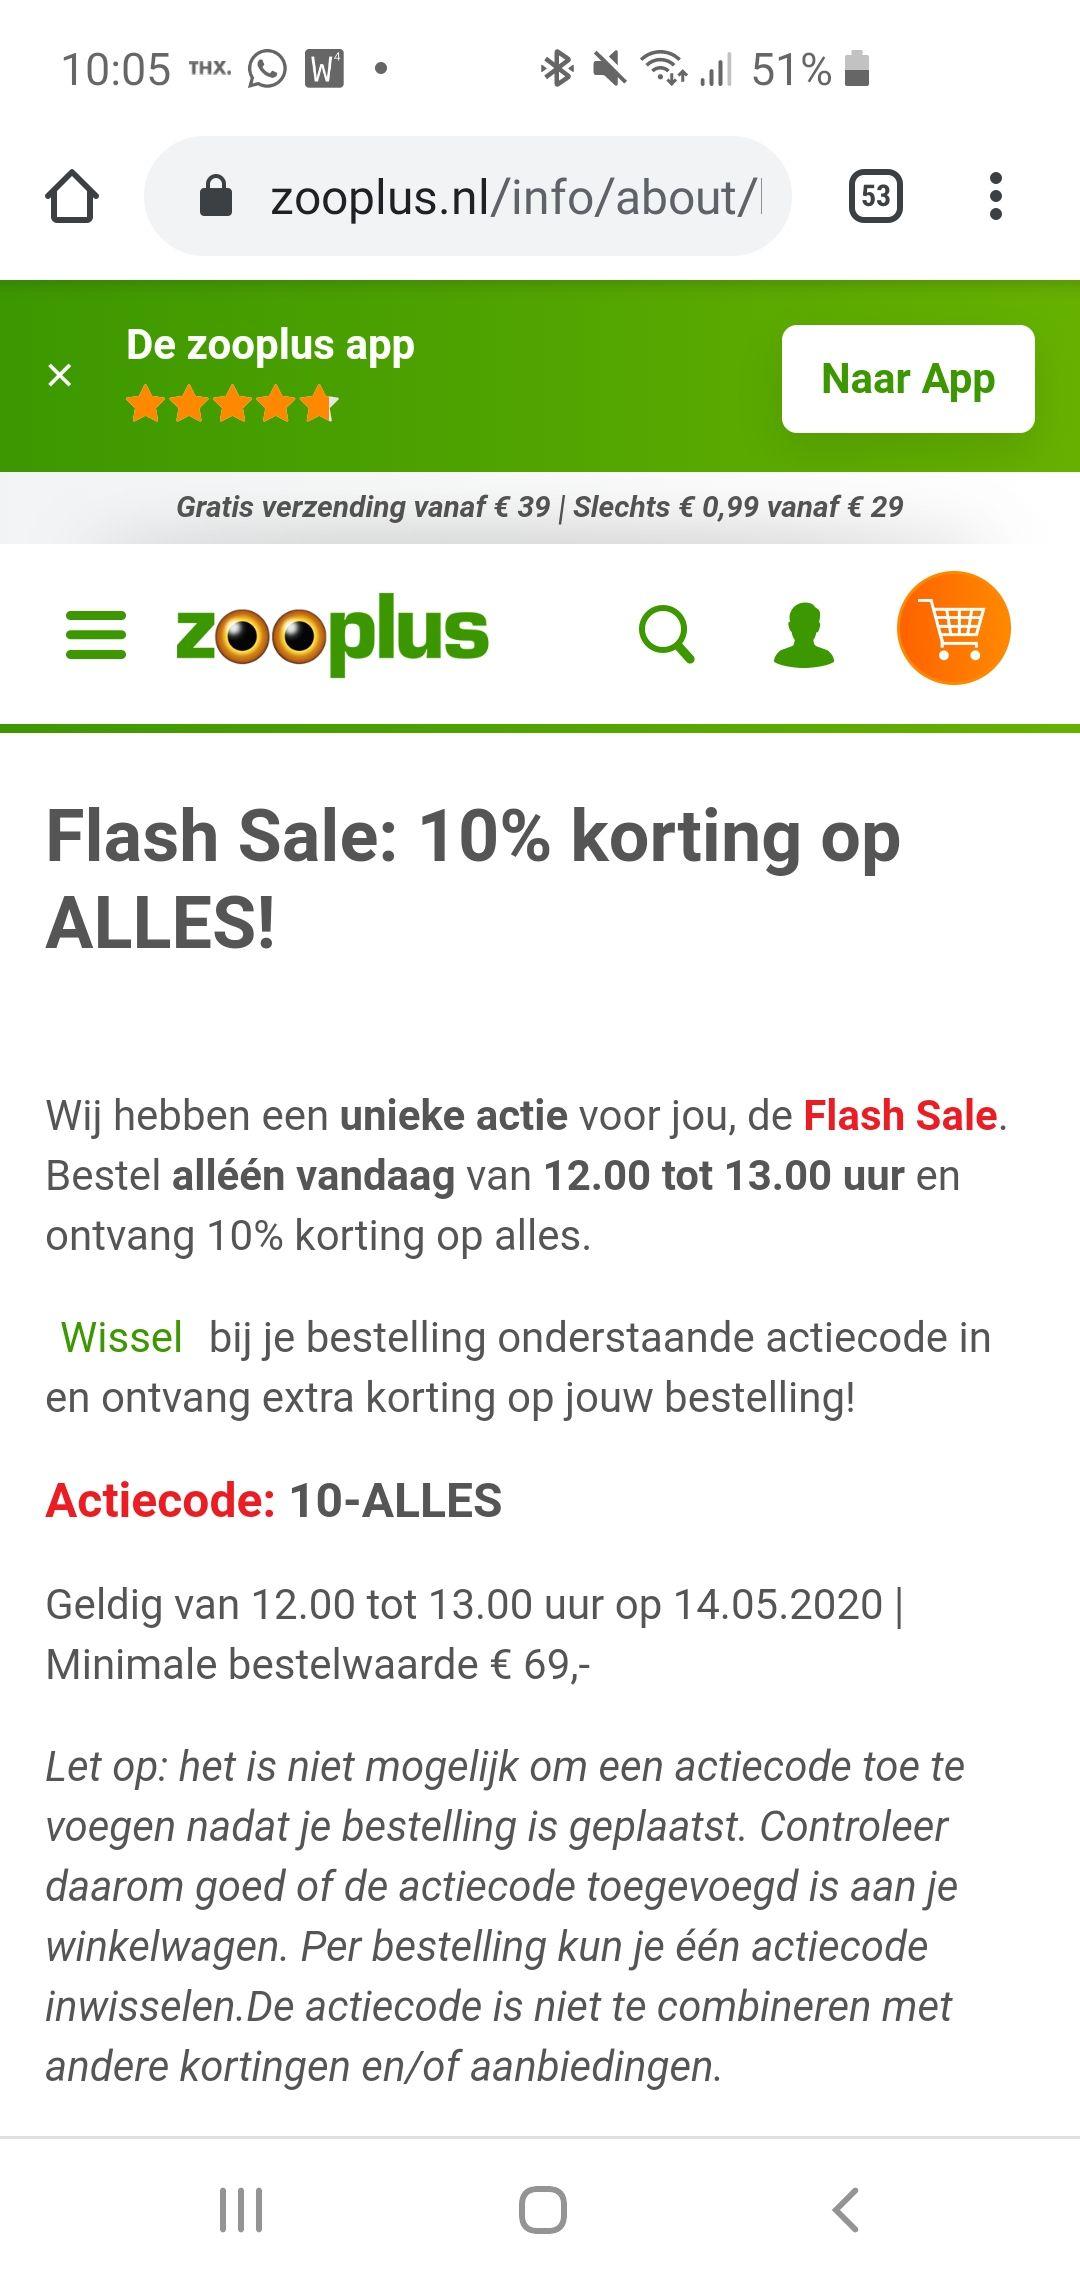 Flash sale Zooplus 10% korting op alles